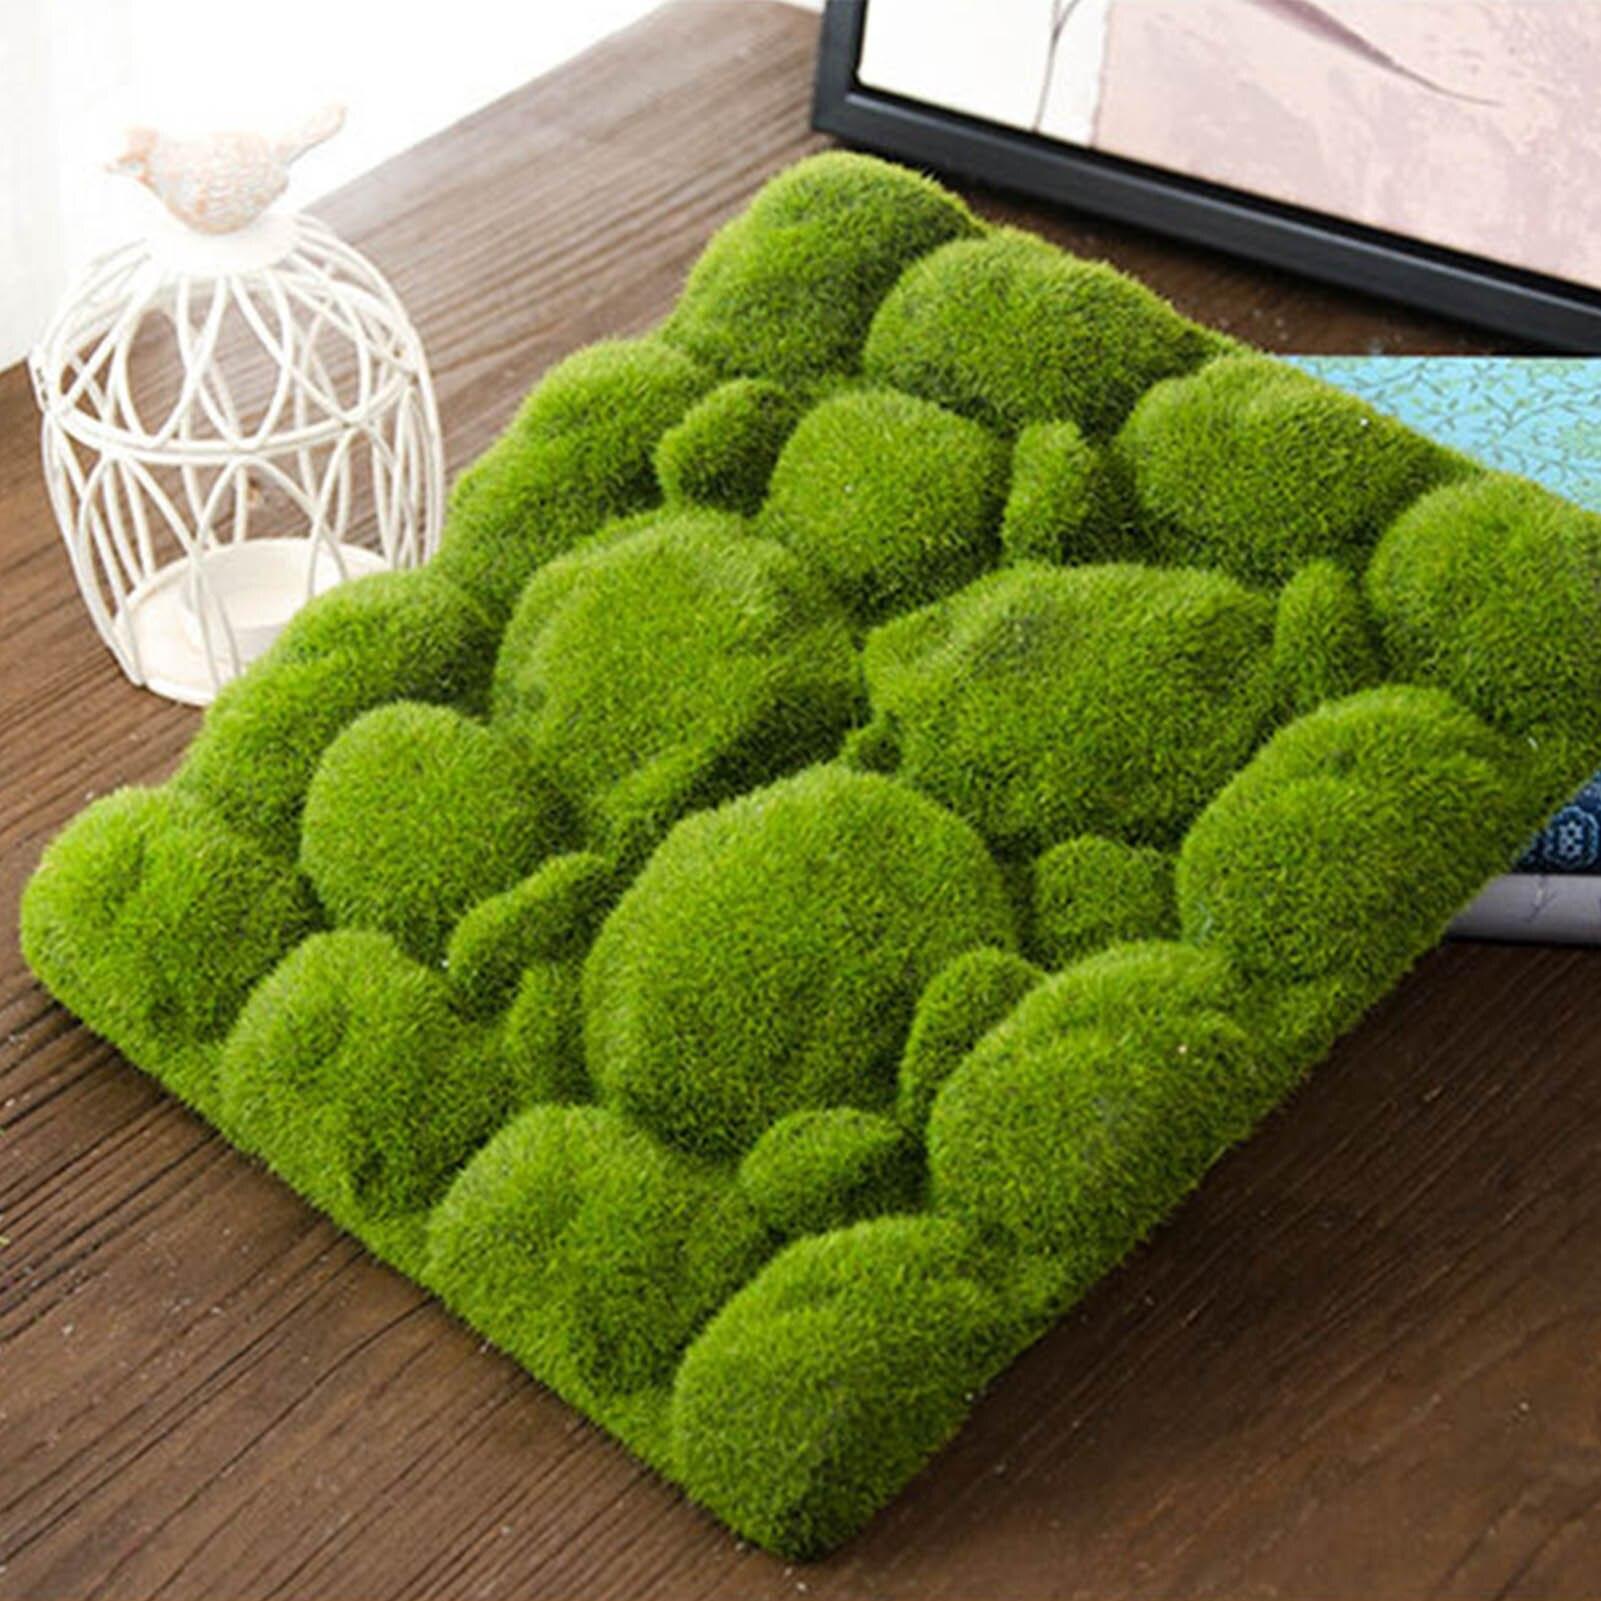 4 шт. Камень форма мох трава коврик для дома зеленый искусственный газоны газон ковры поддельные дерн мох стена DIY декор 30x30 см